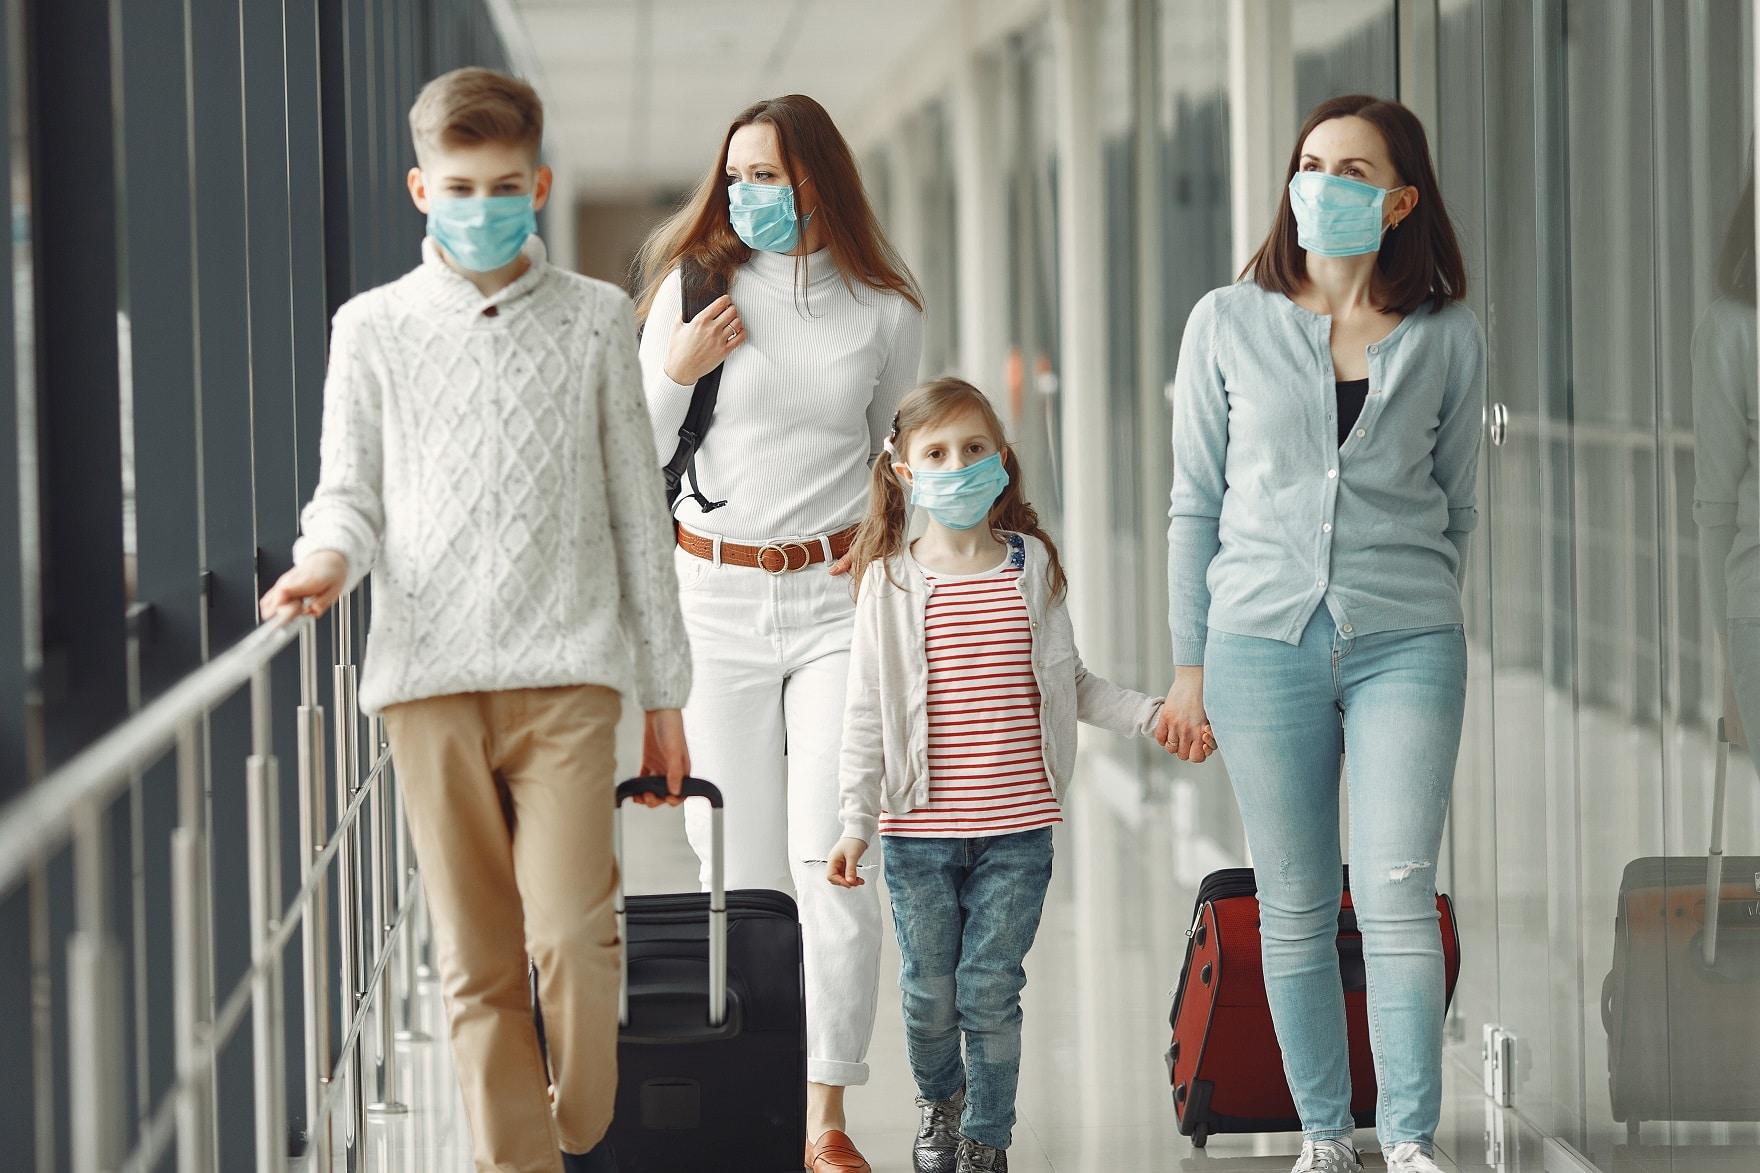 Az orosz kormány feloldotta a maszkok és a védőruházat exportjára vonatkozó tilalmat